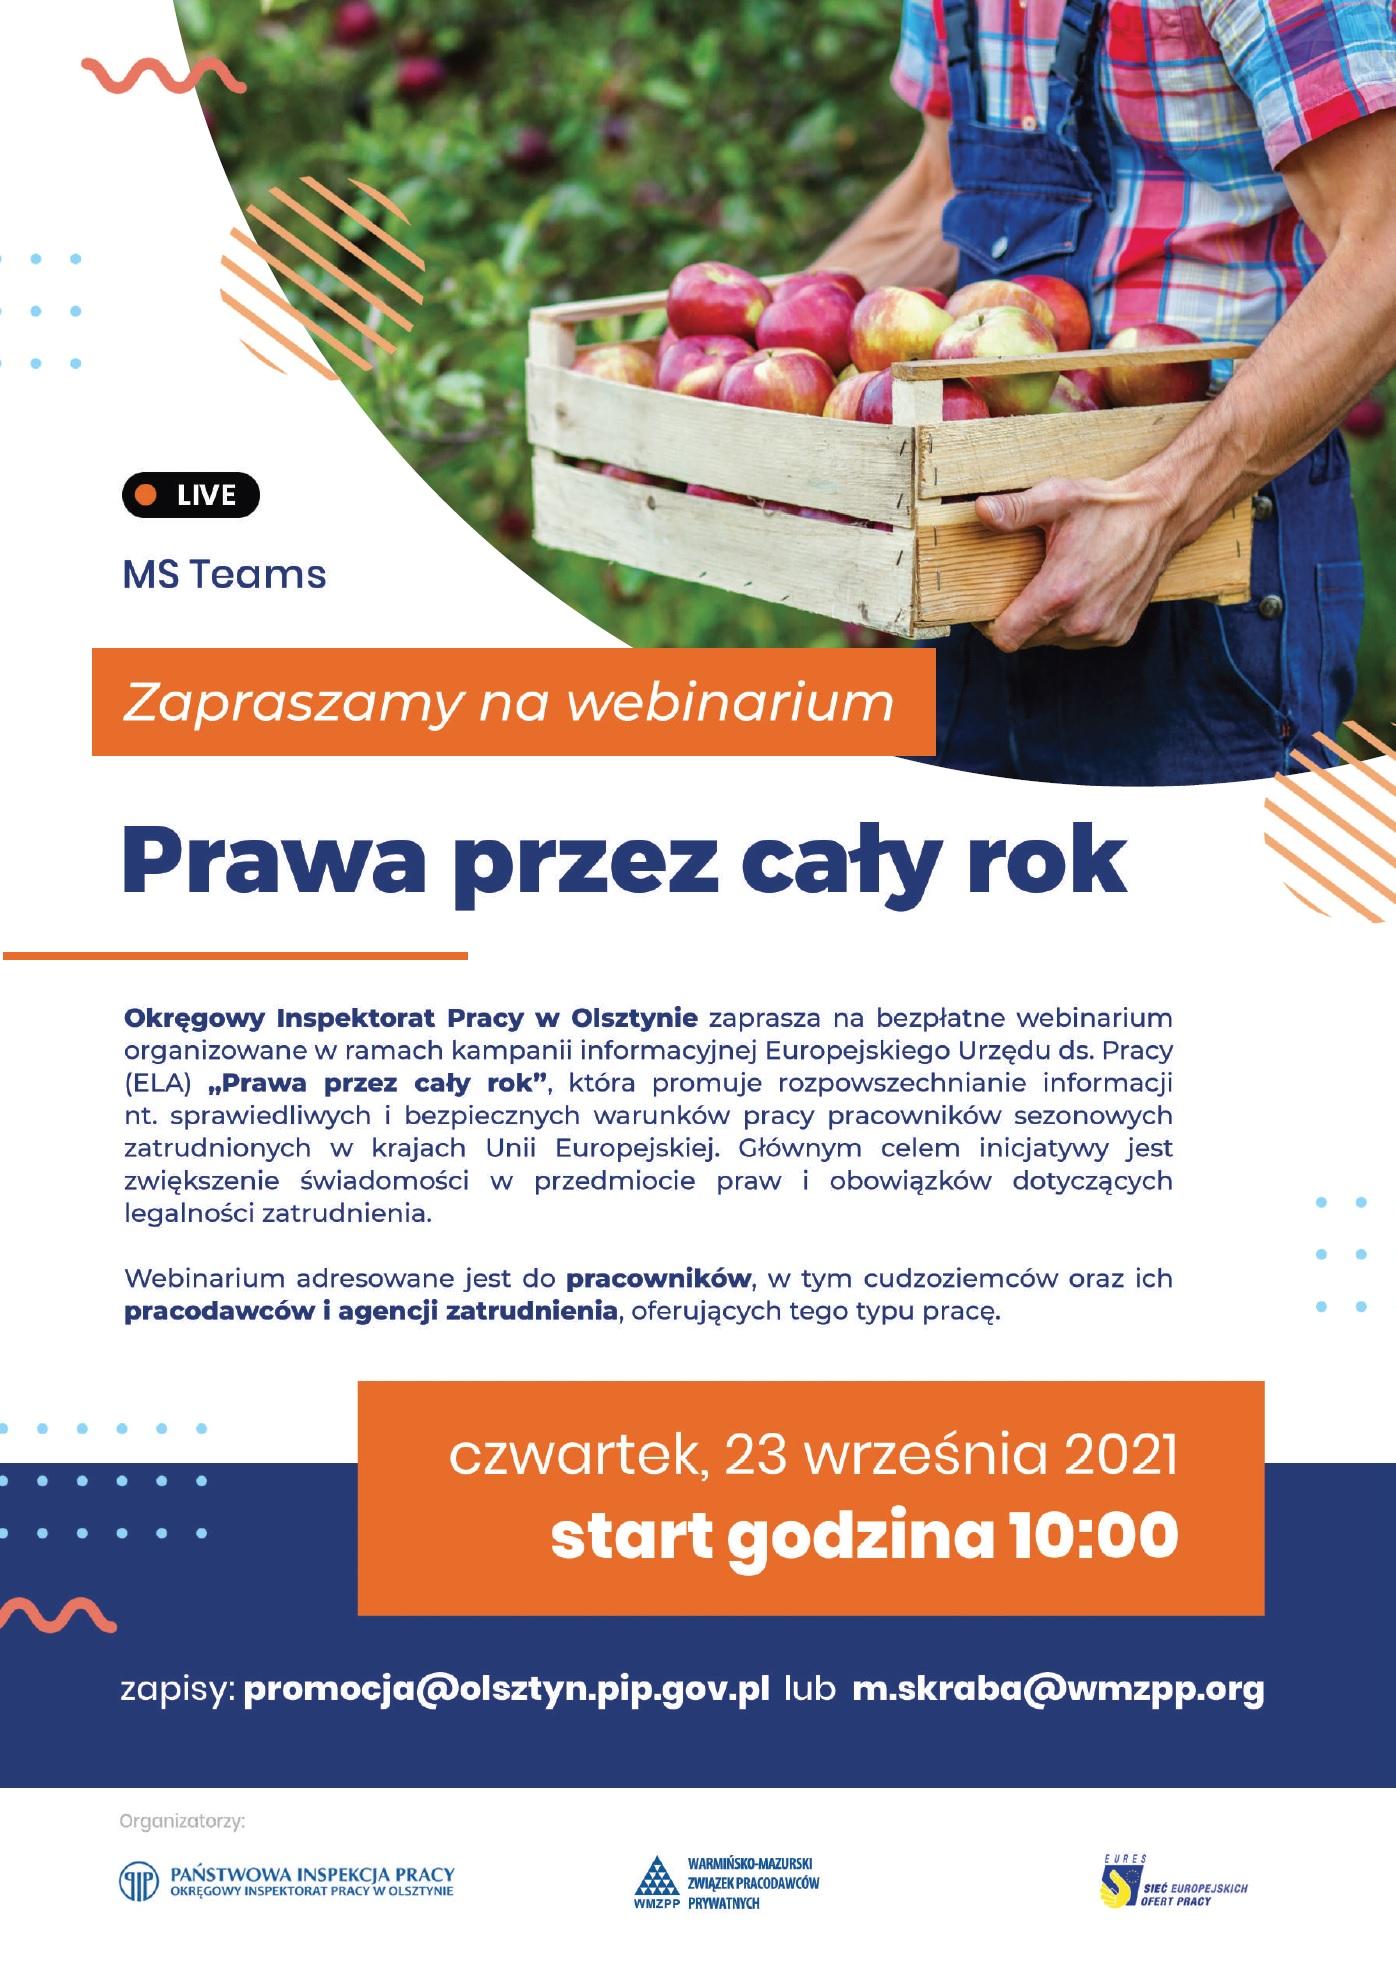 Webinarium 23.09.2021